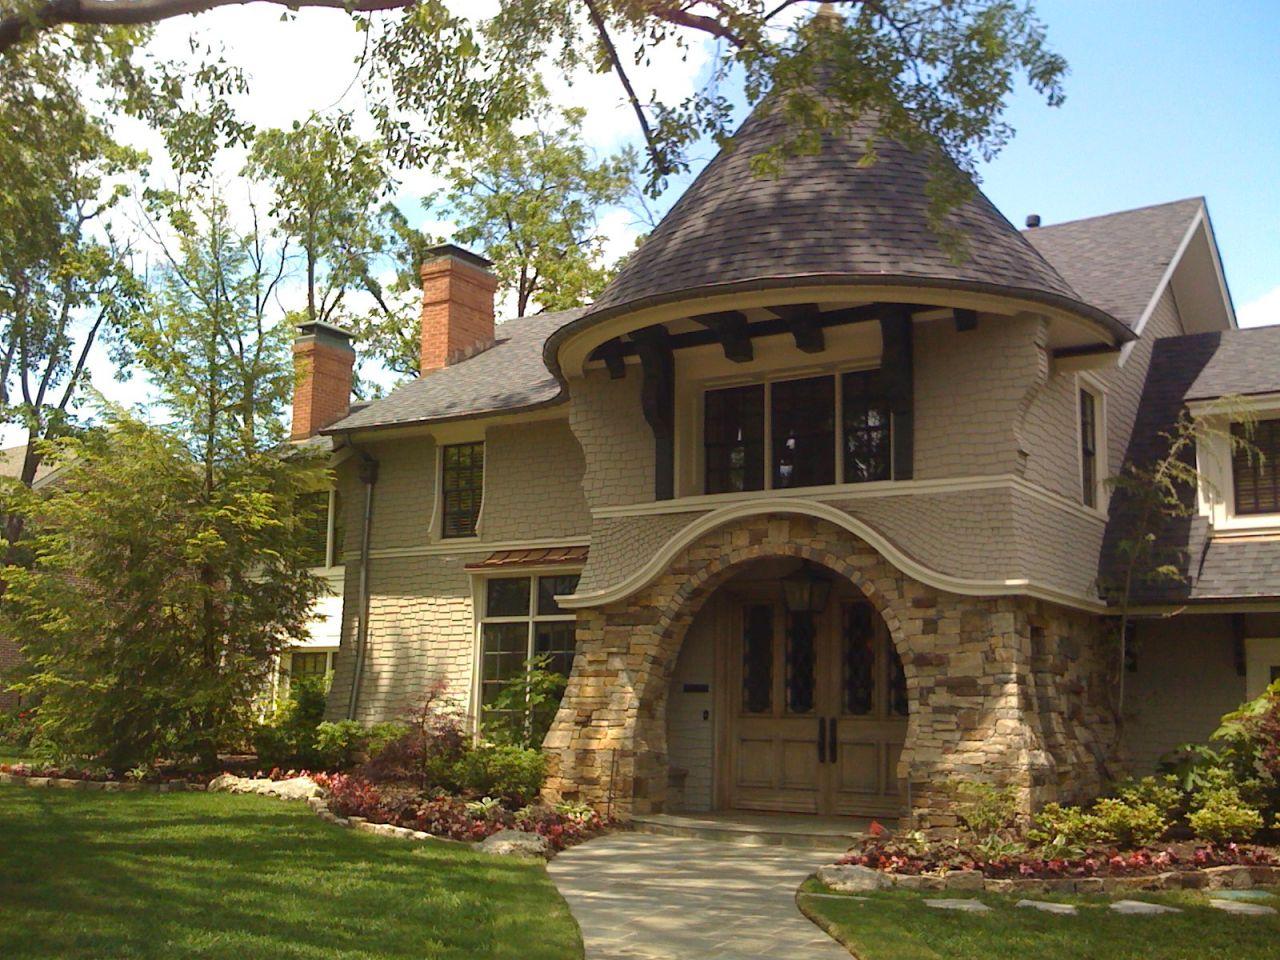 Вход дома, облицованный камнем